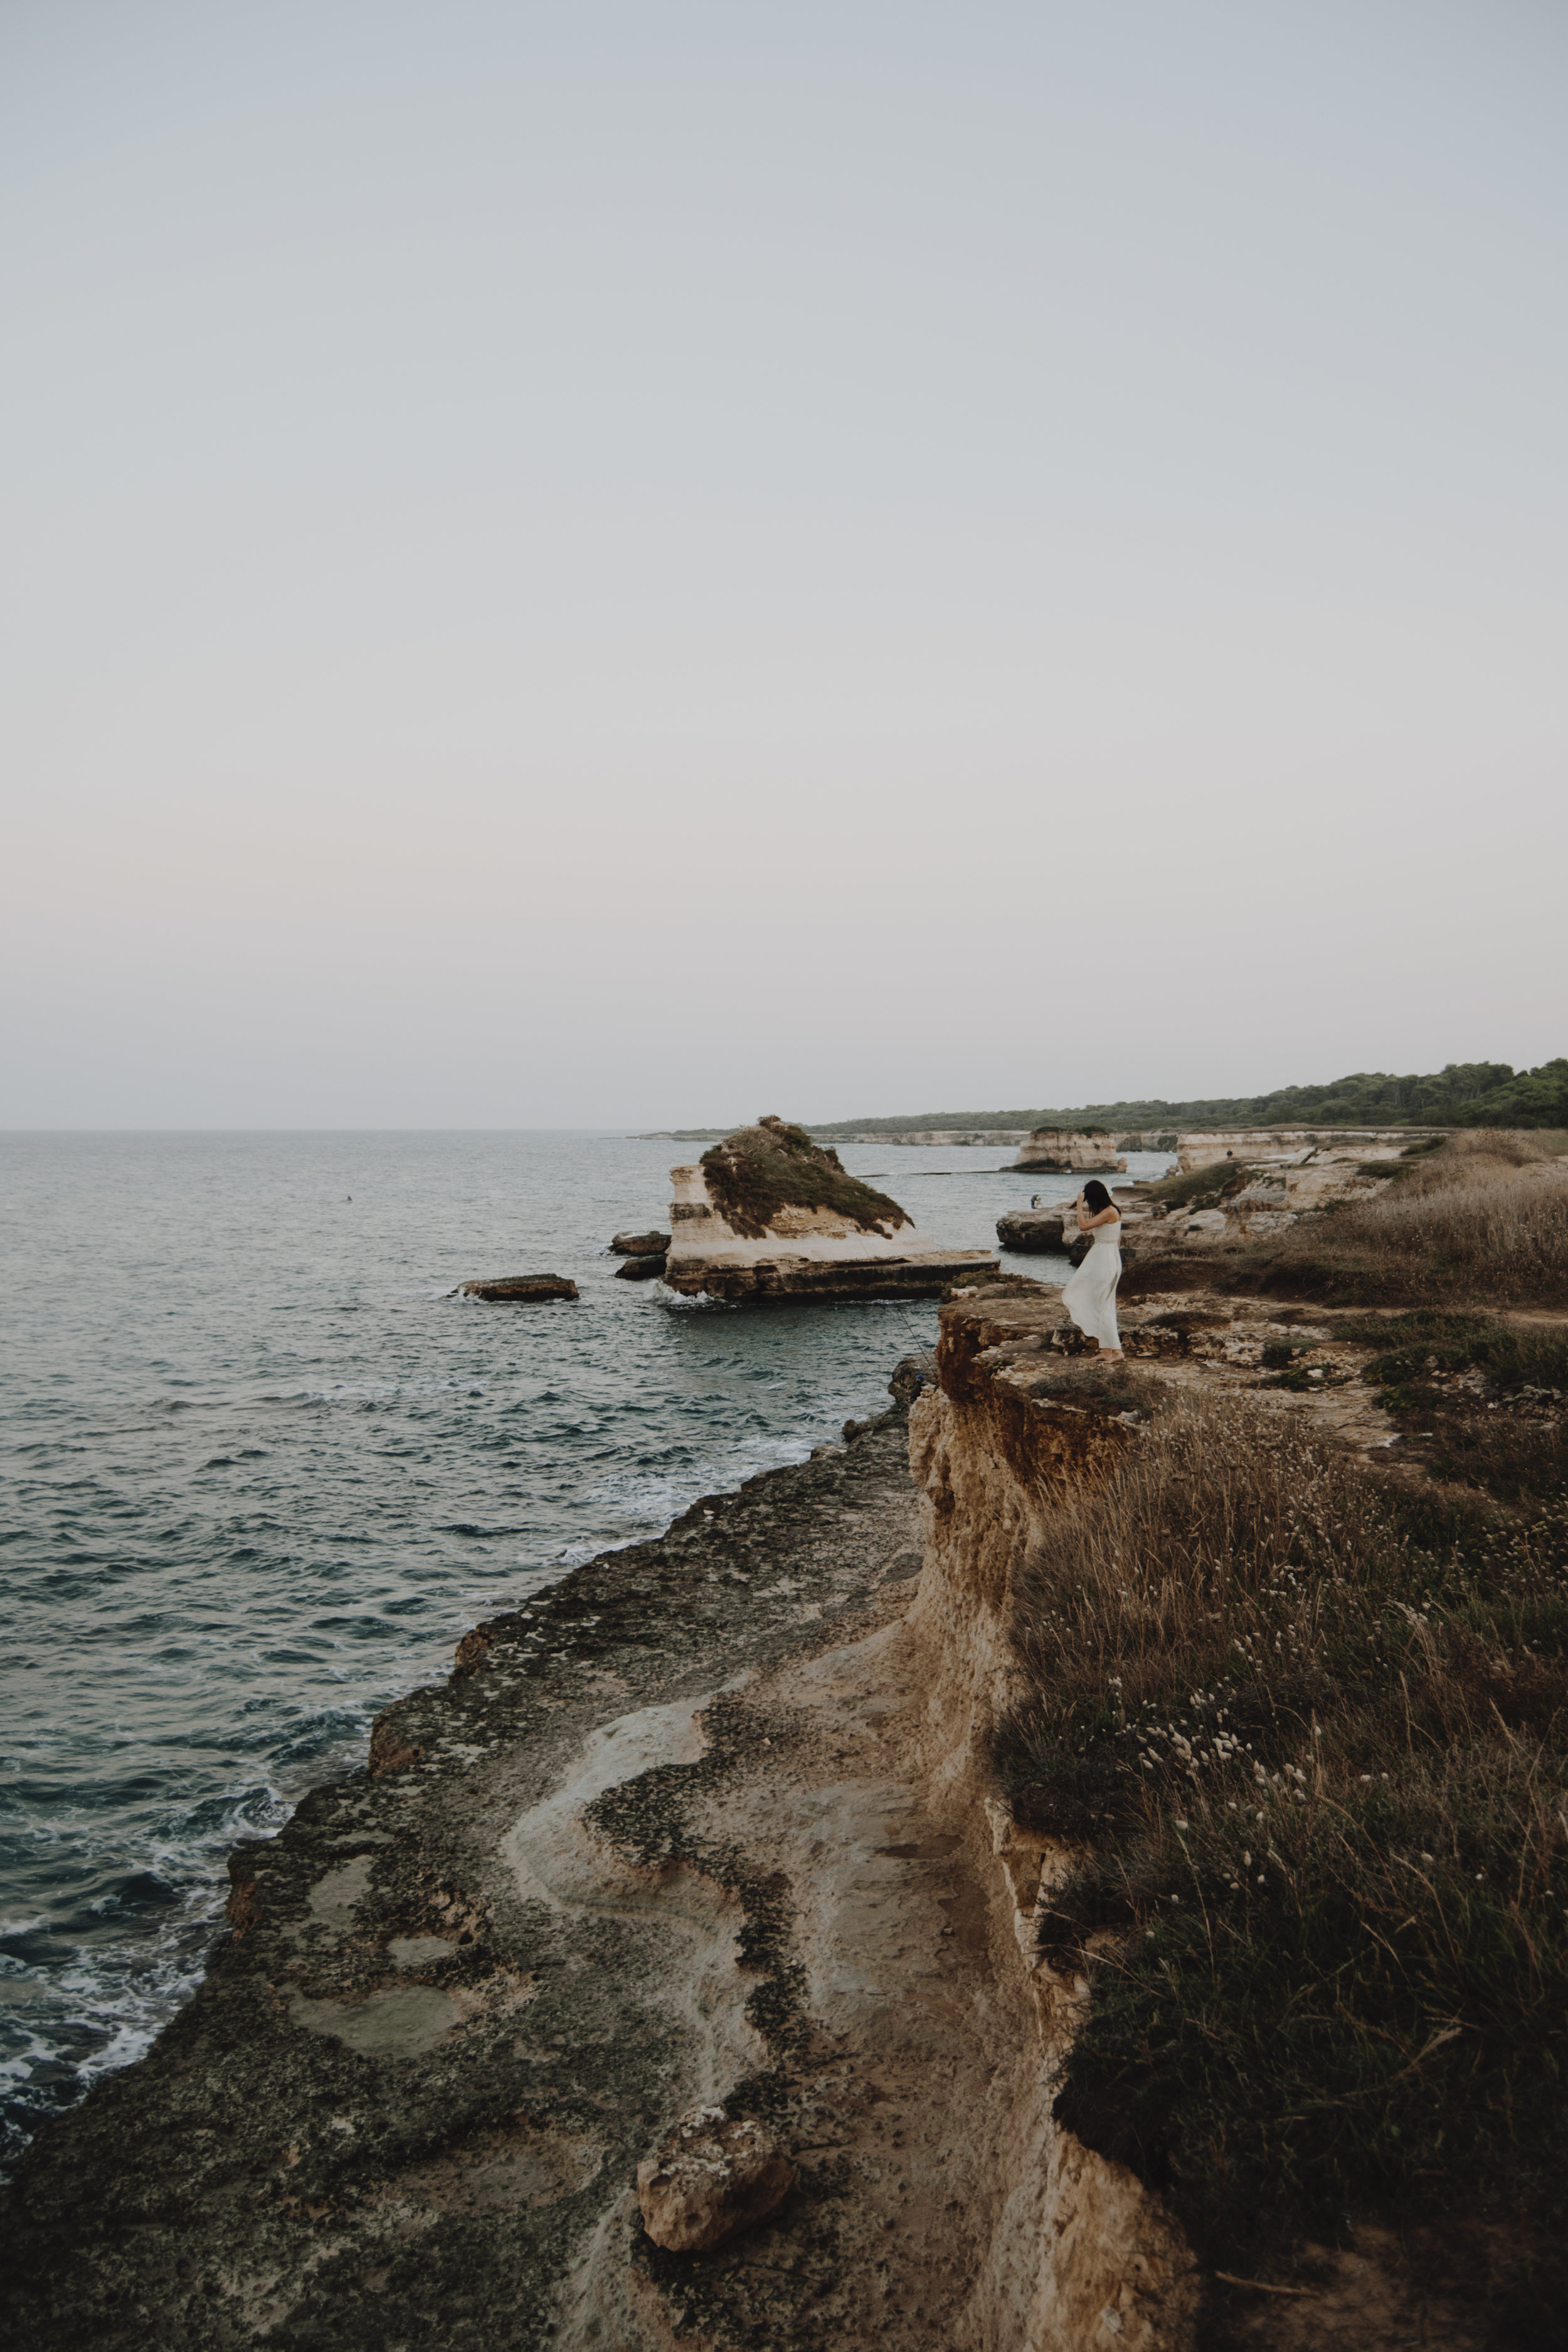 Reise-Apulien-194.jpg